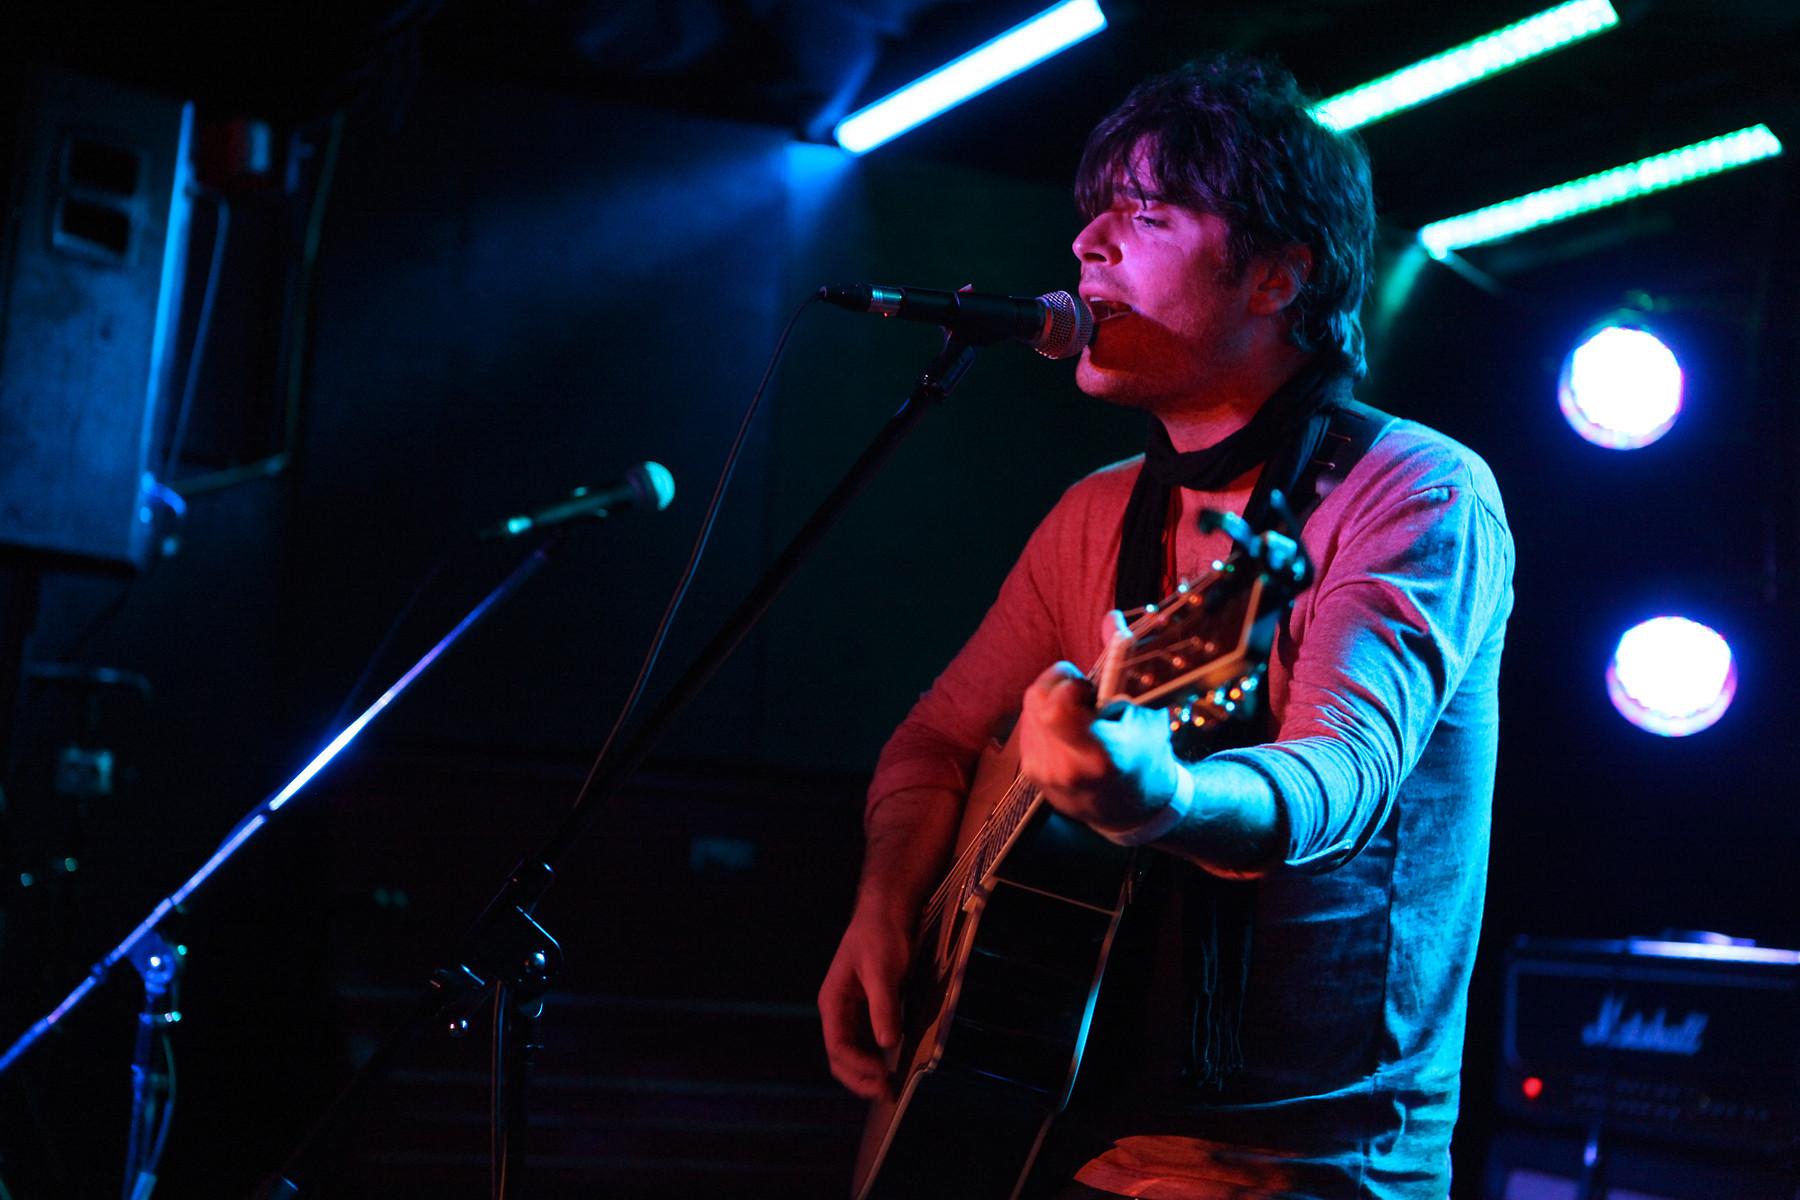 Simon Fagan @ Indie Week 2010